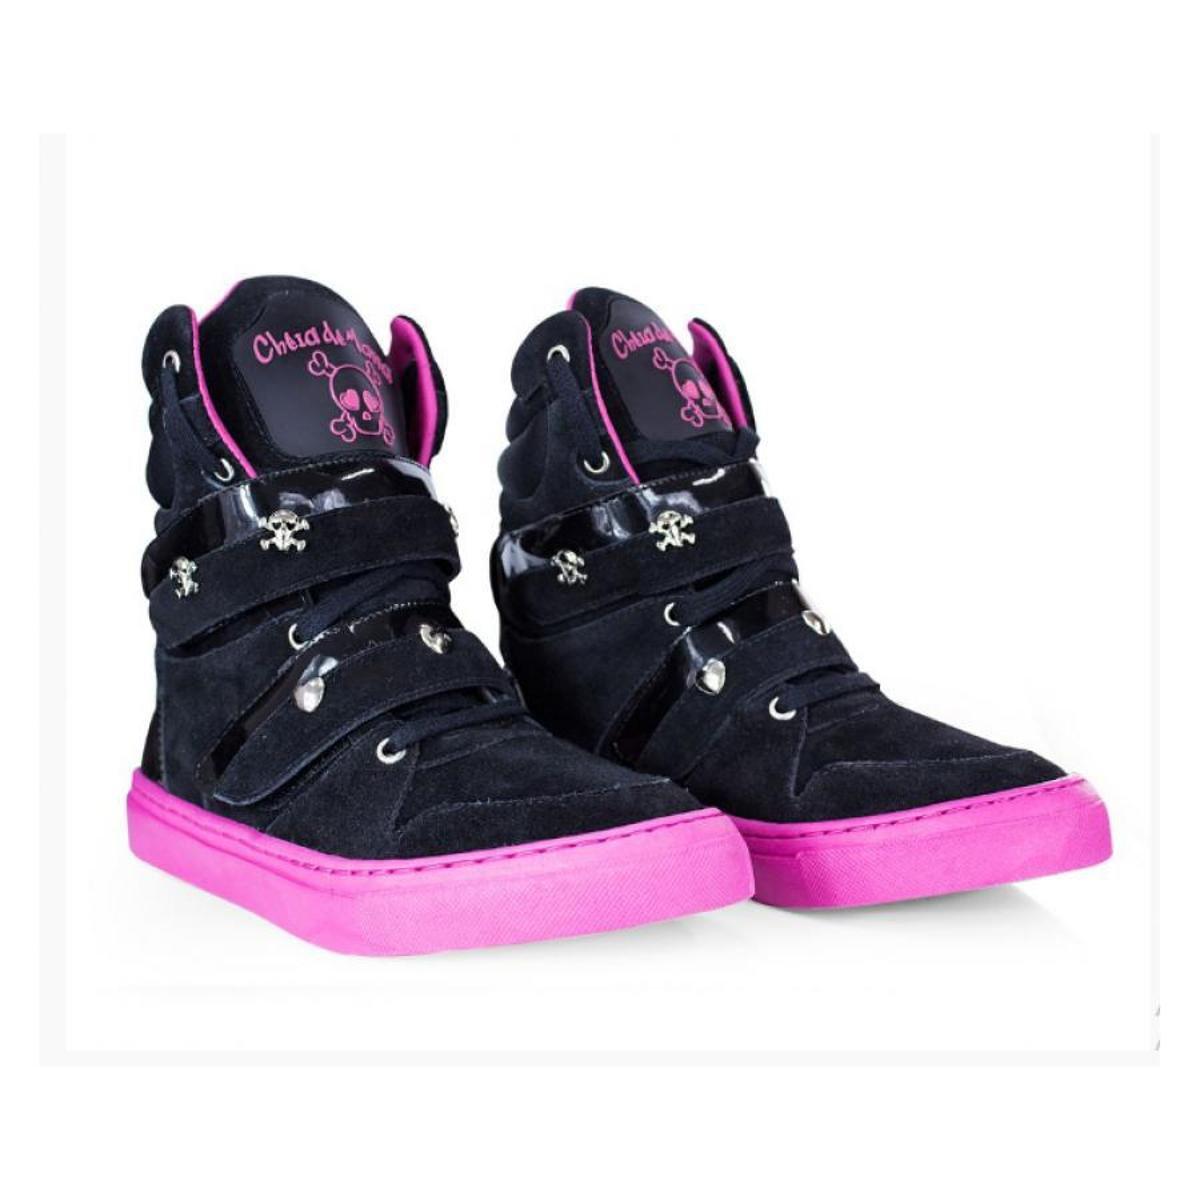 Tênis Feminino Couro Bota de Treino Cheia de Marra Fitness - Preto e Pink -  Compre Agora  6b0cdf67e27